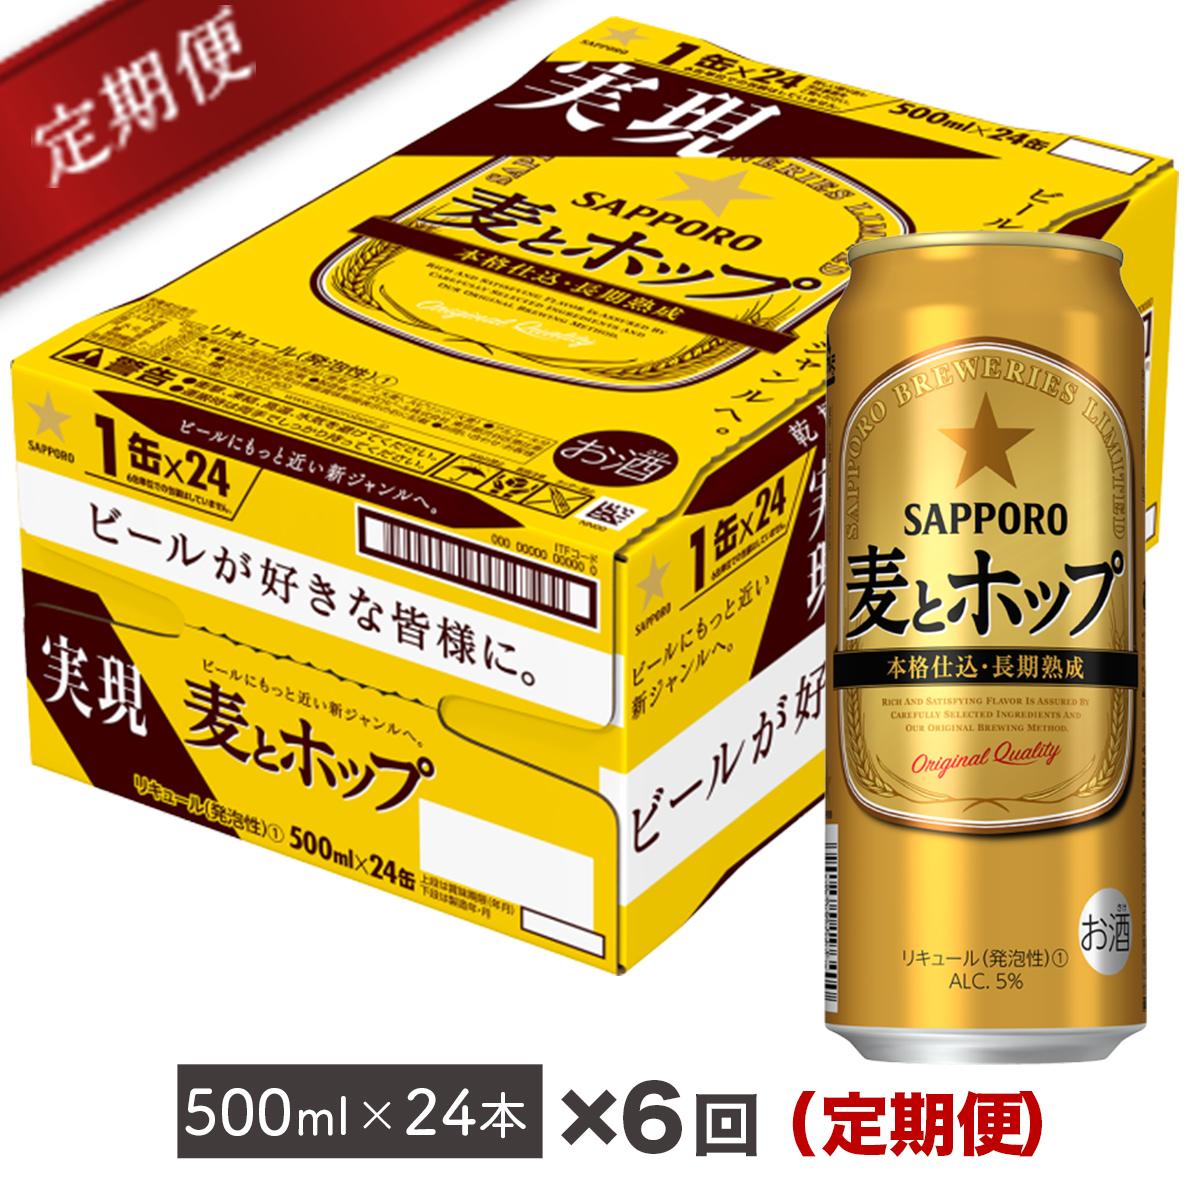 【ふるさと納税】【毎月届く定期便】地元名取生産 麦とホップ 500ml 24缶を6回お届け